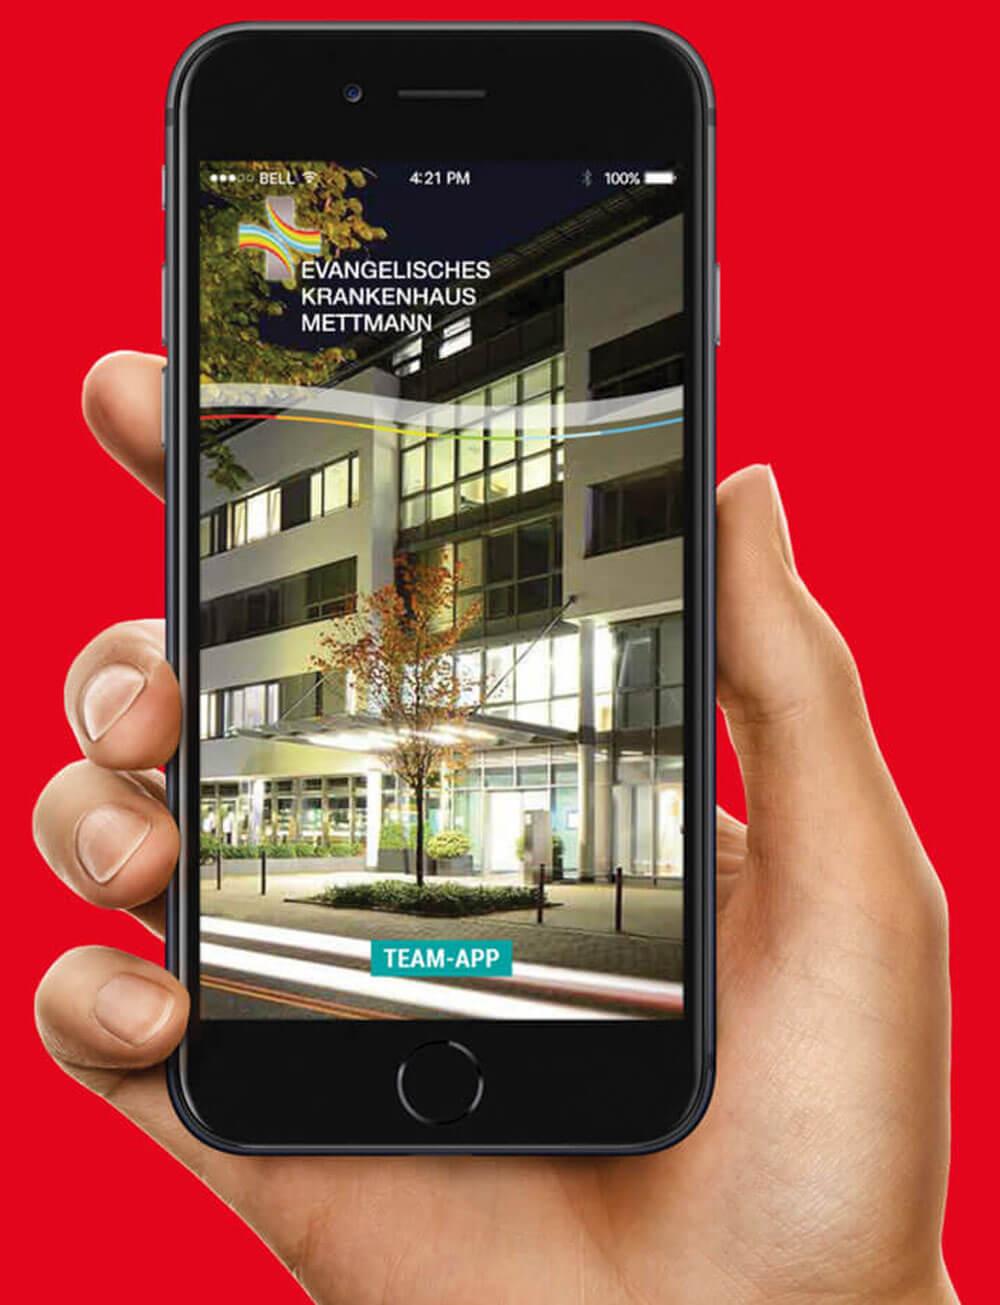 Jetzt Team-App live erleben - im Video-Chat!